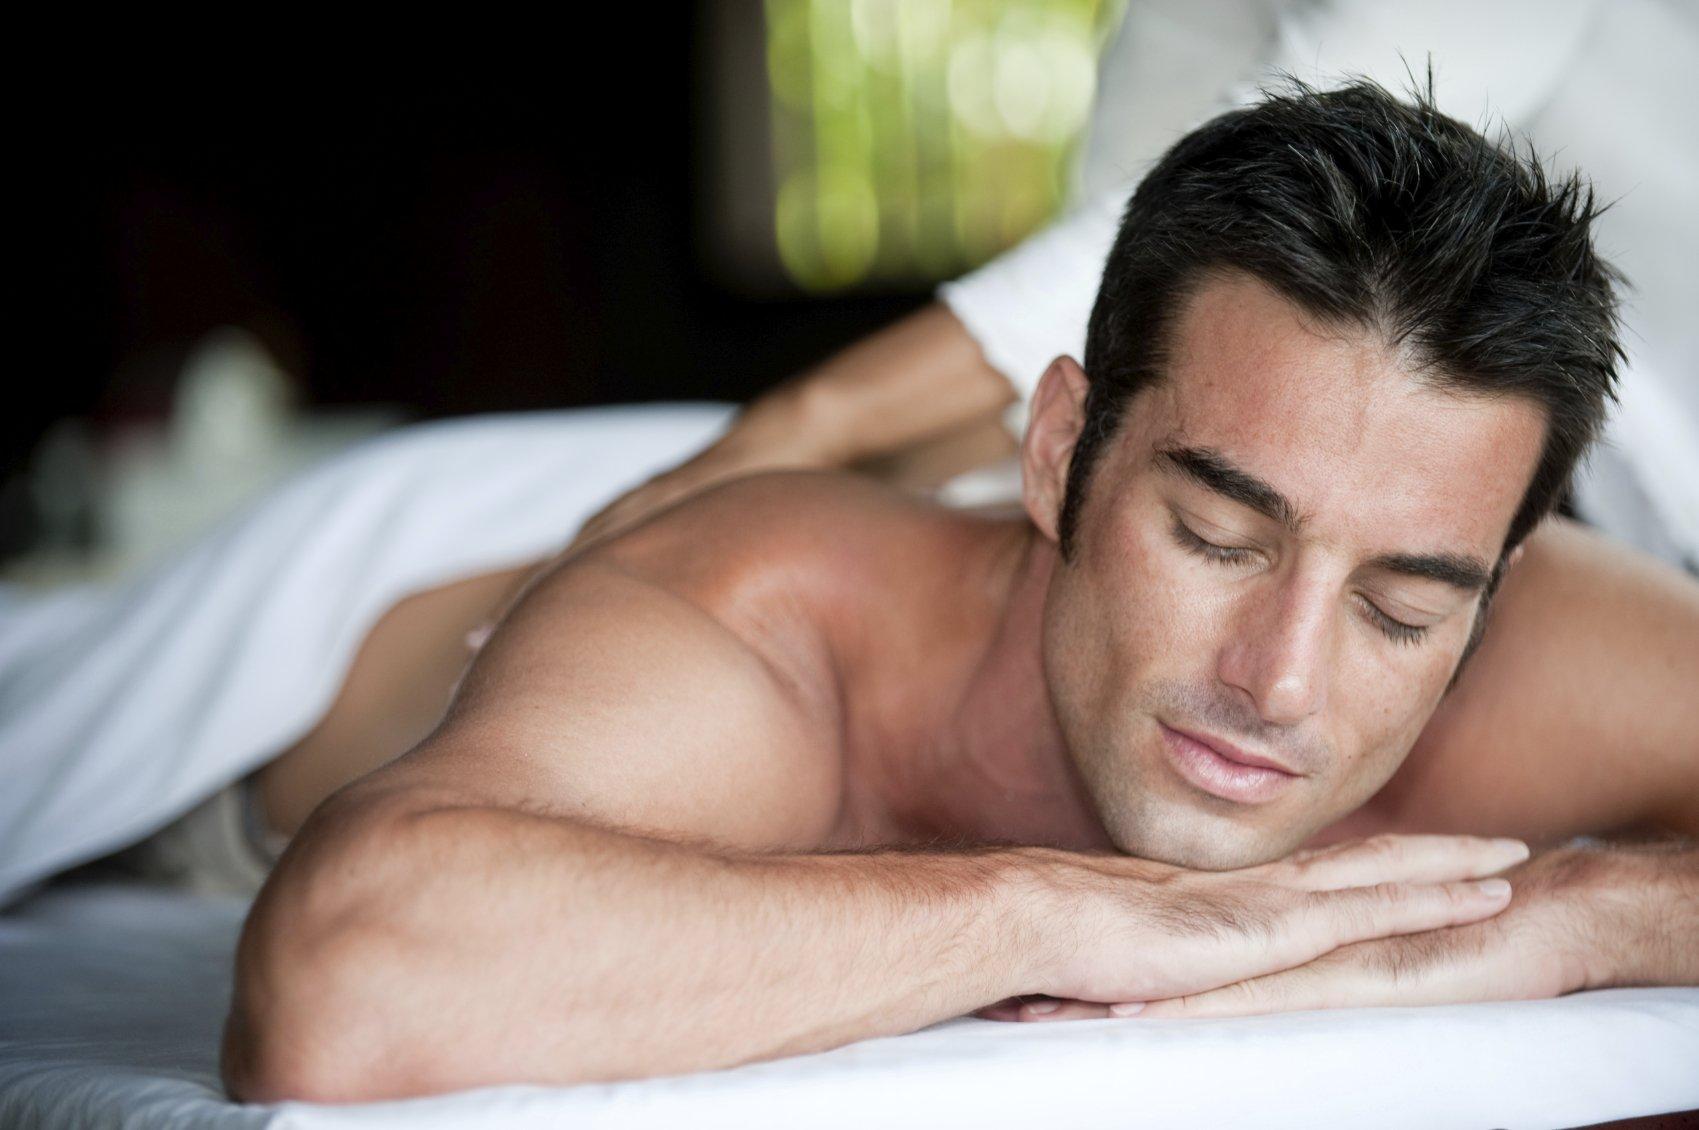 Brunette man receiving a massage lying down